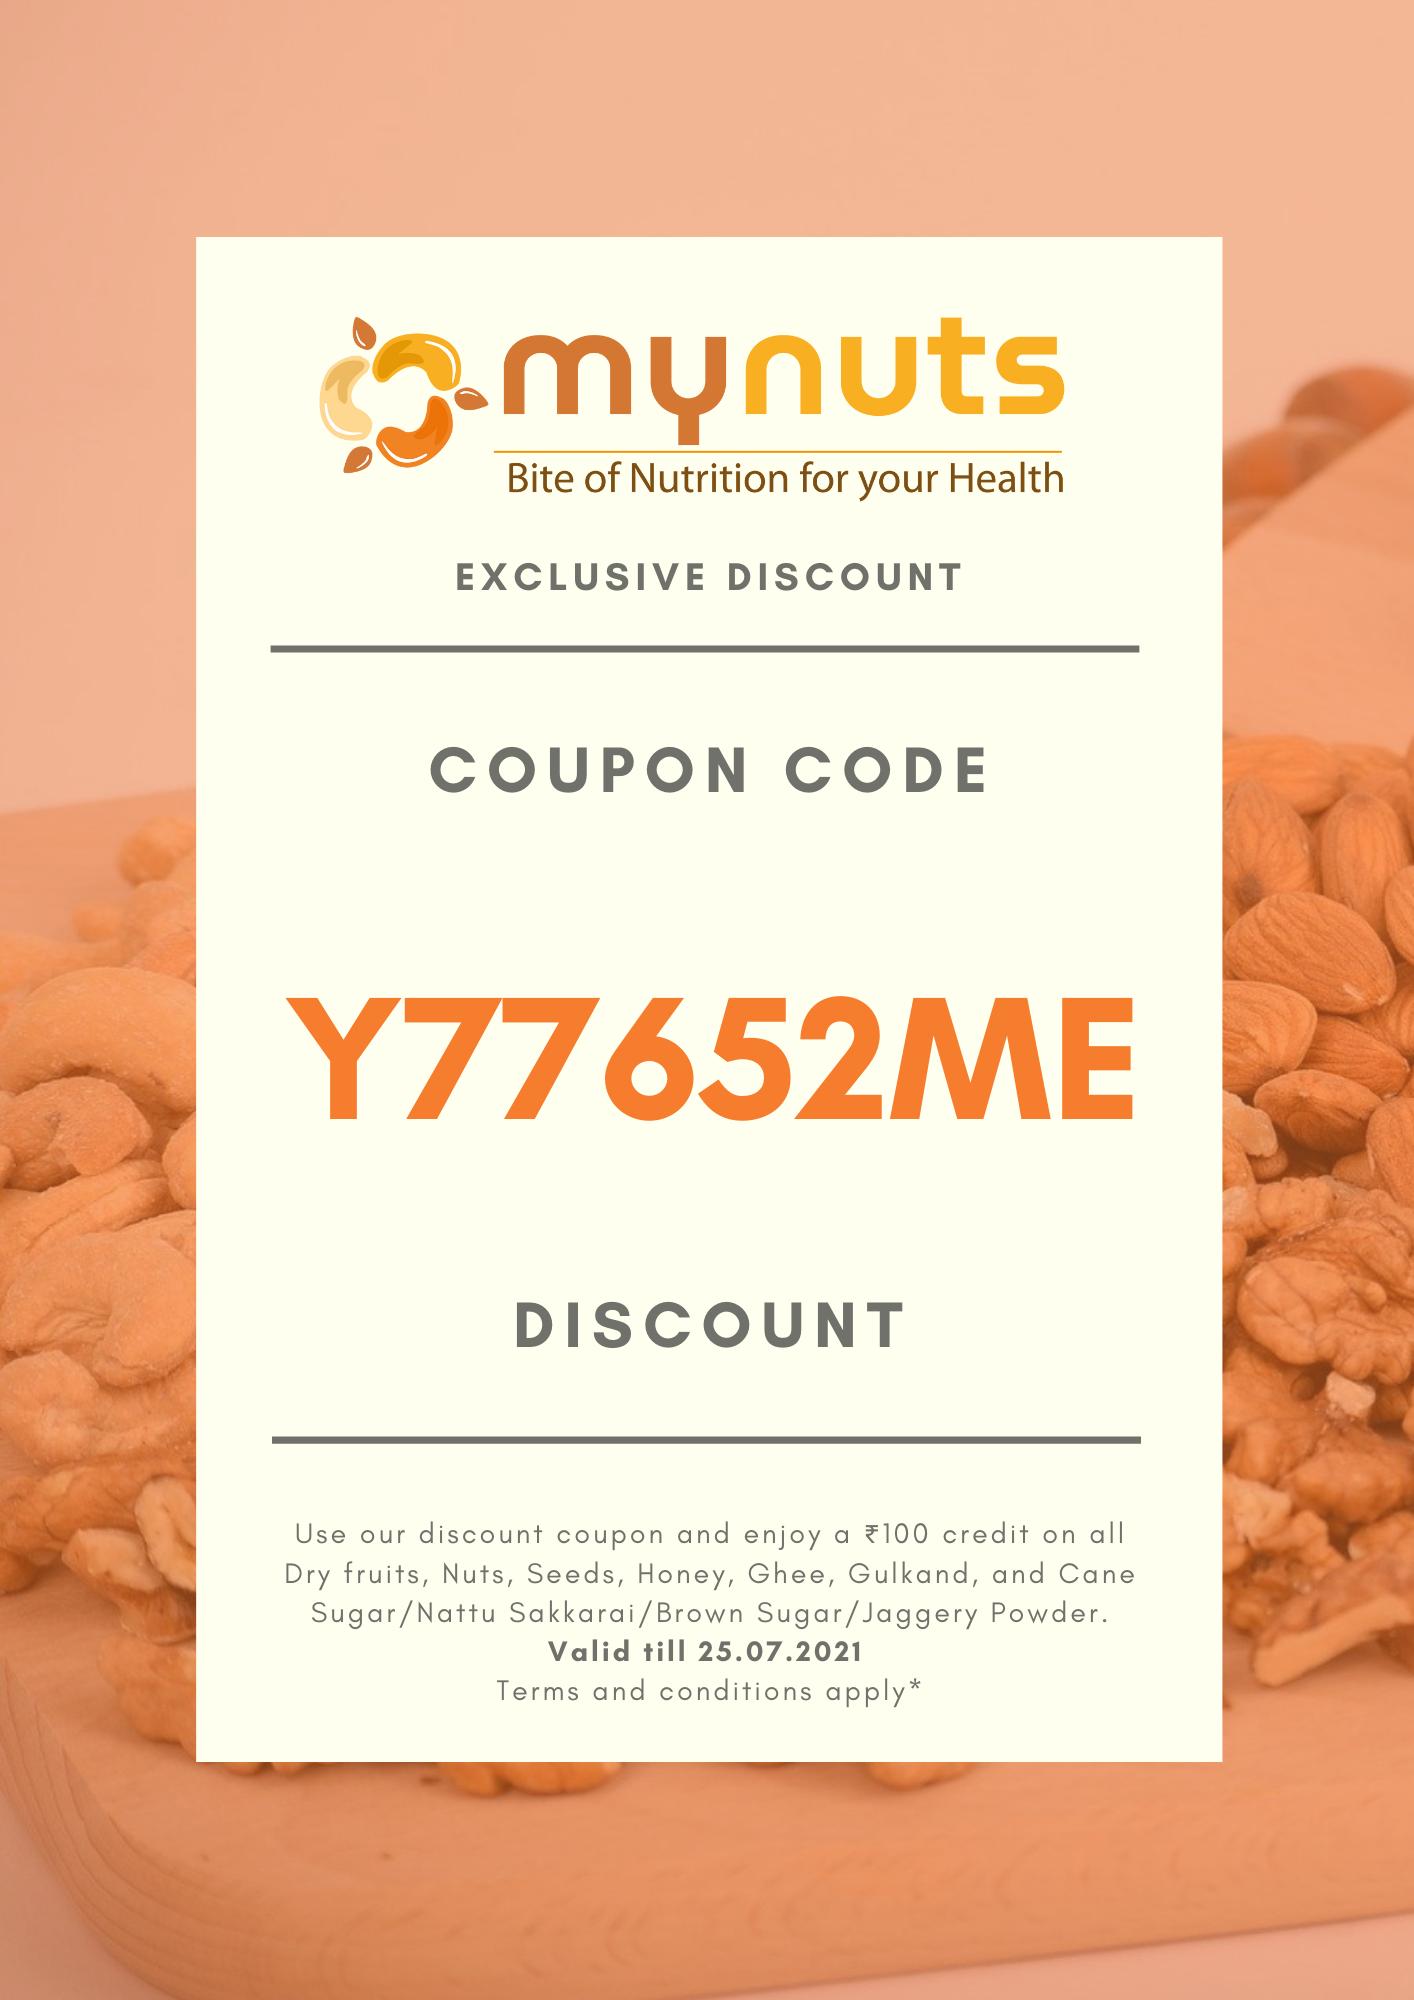 Weekly Mynuts Coupon Code 17.07.2021 till 25.07.2021